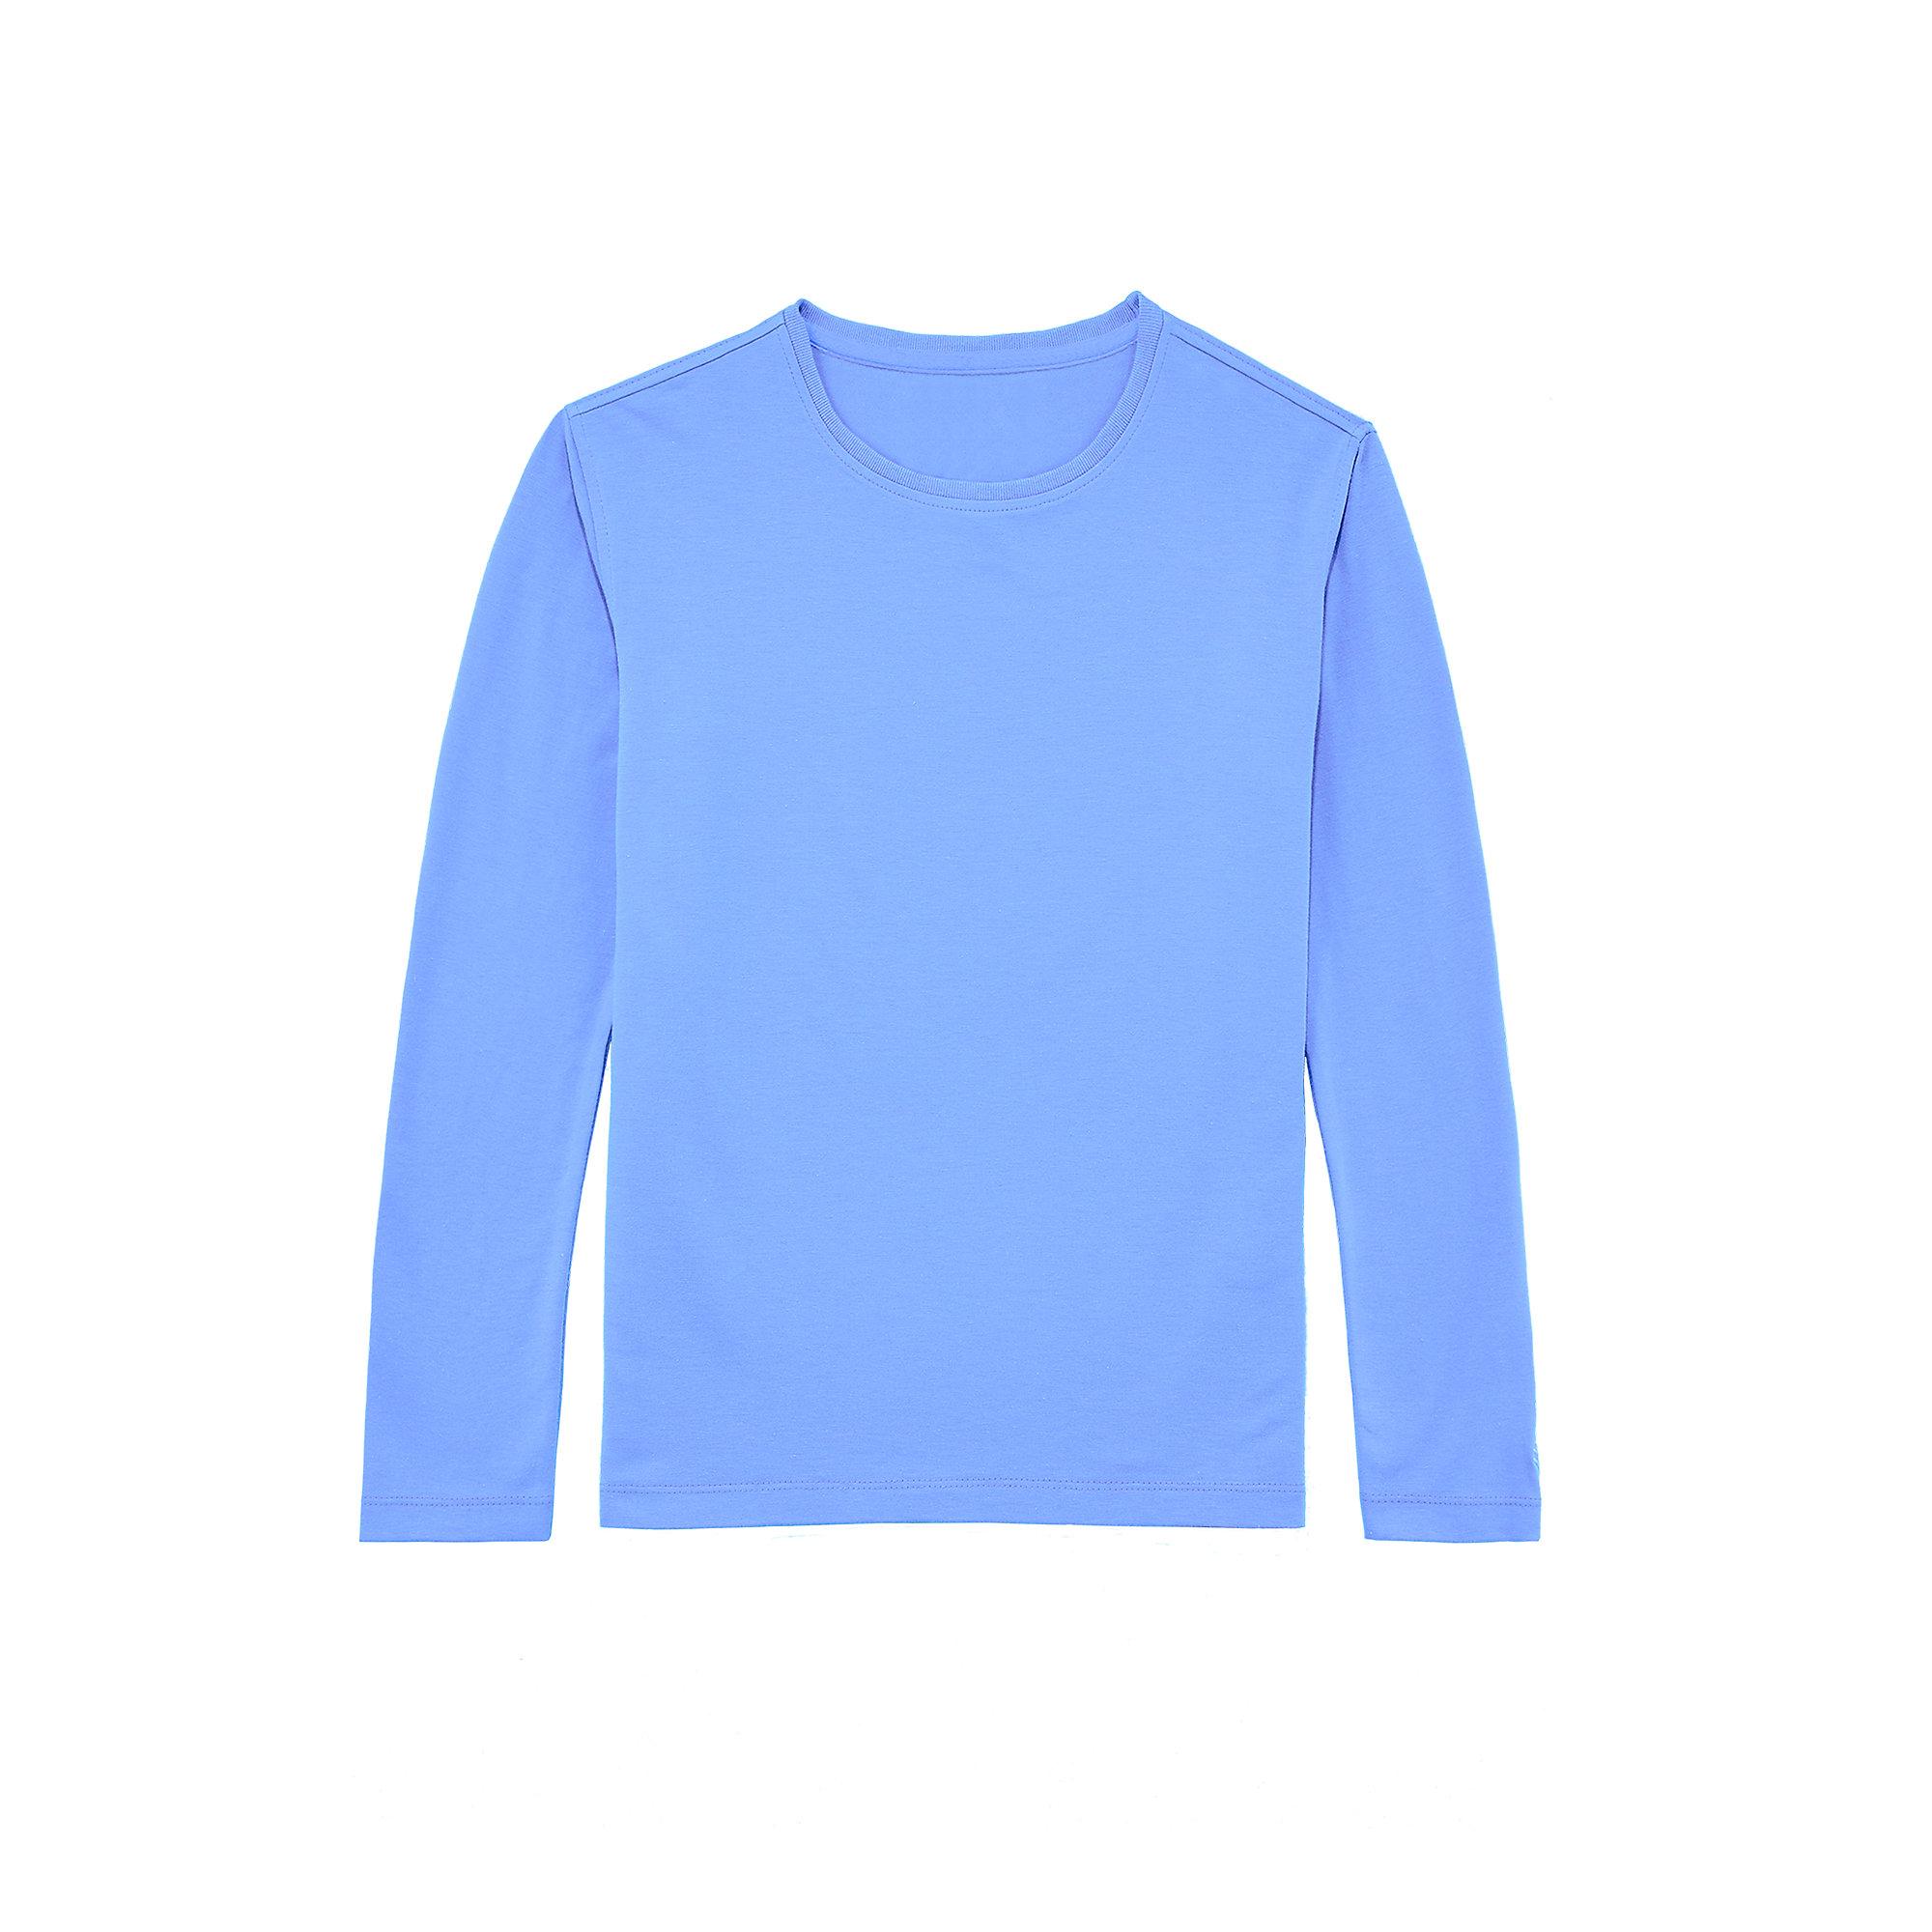 Coolibar upf 50 kid 39 s zno long sleeve t shirt sun for Custom sun protection shirts